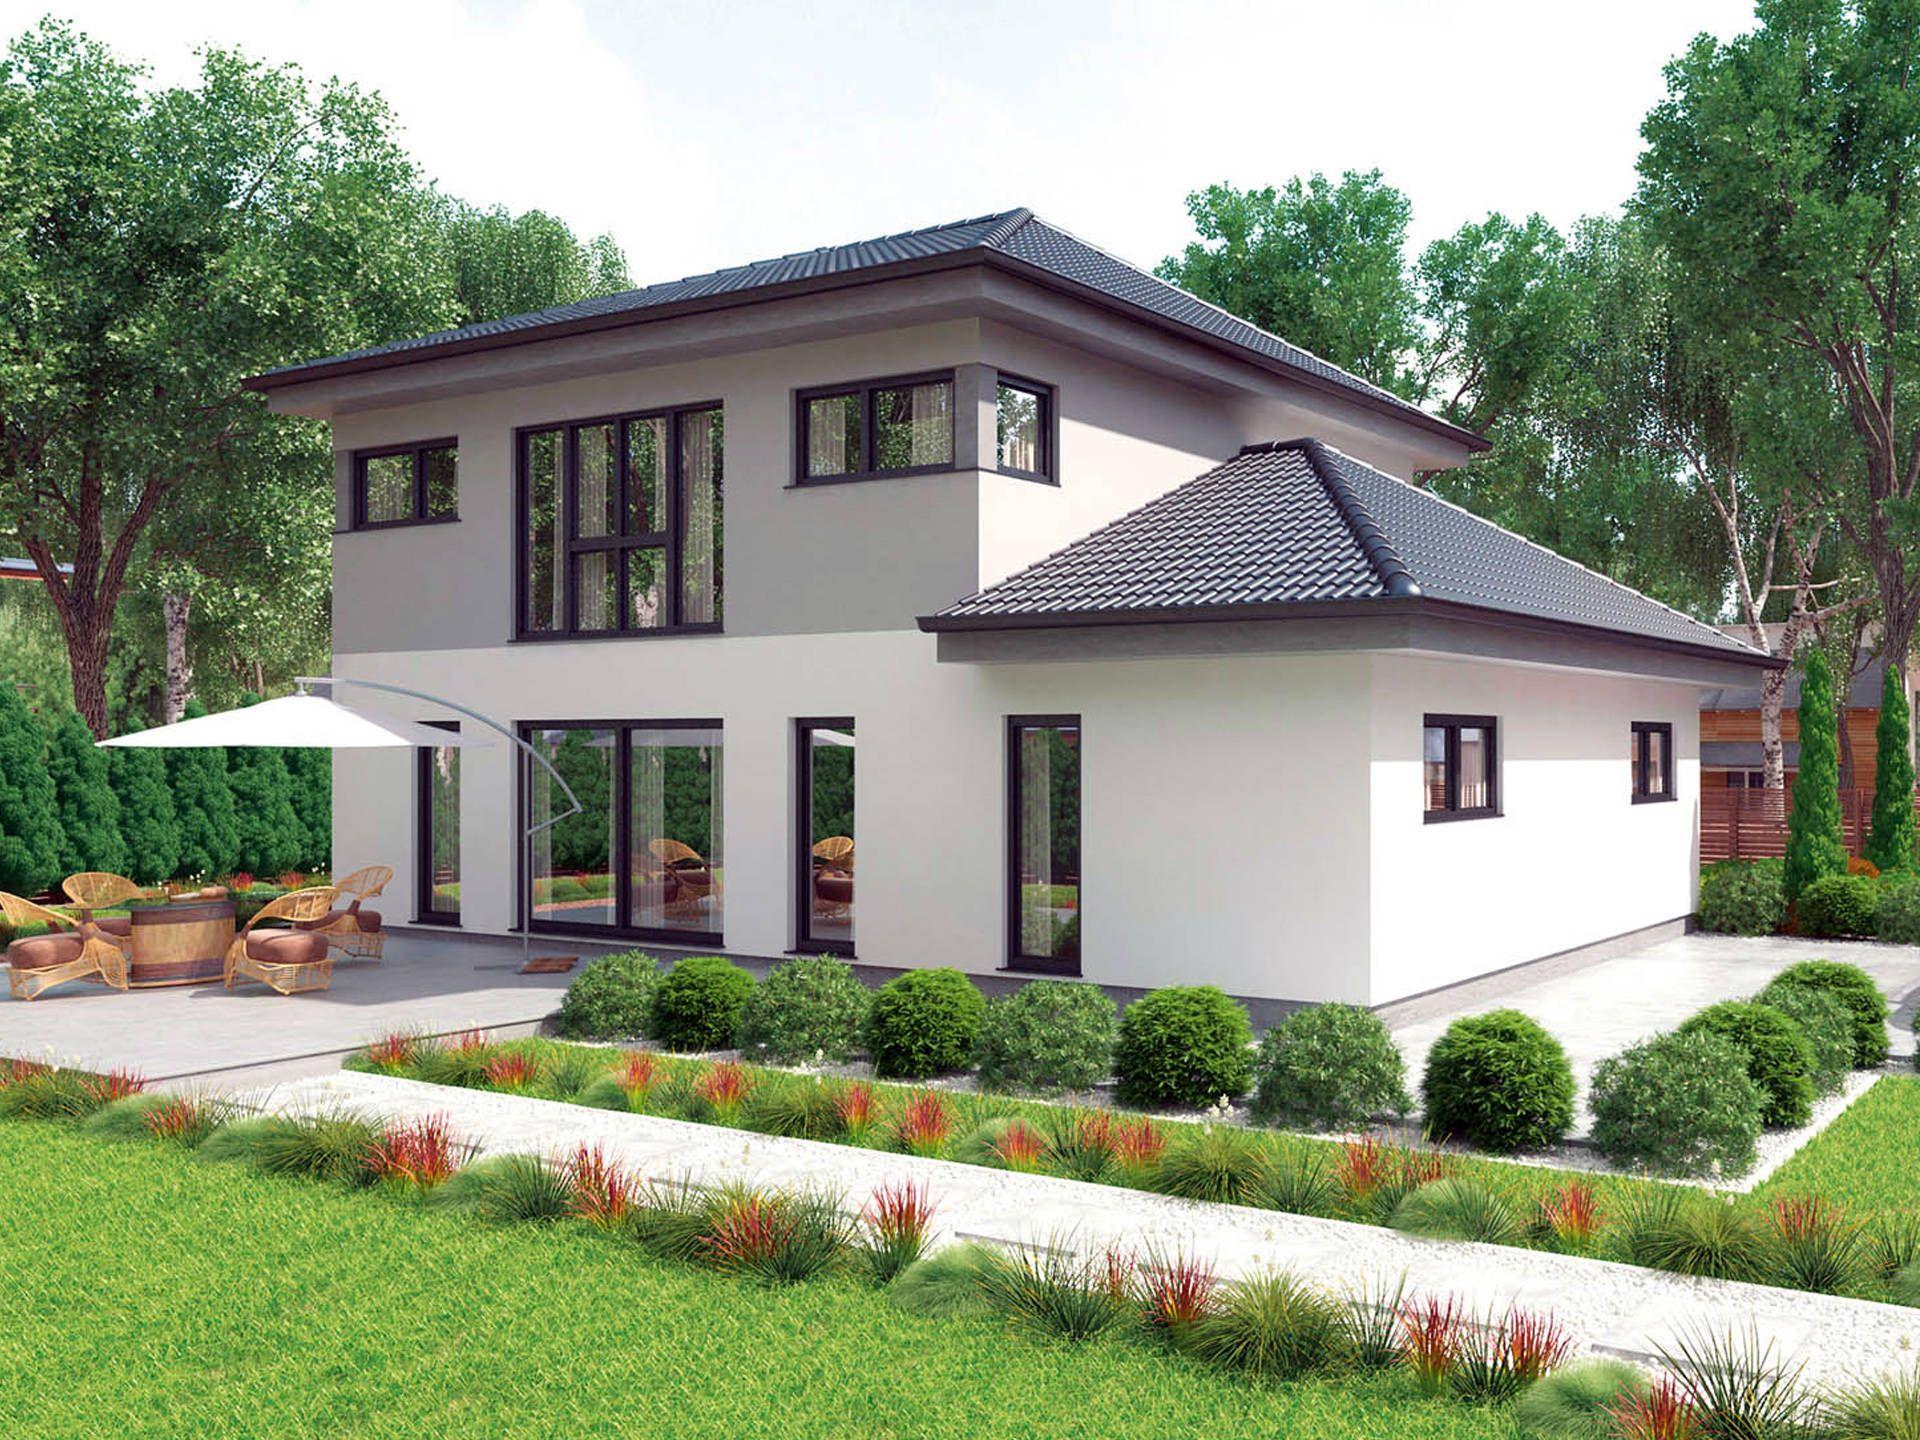 typenhaus comfort 190 w mehr generationenhaus pinterest haus hartl haus und haus grundriss. Black Bedroom Furniture Sets. Home Design Ideas